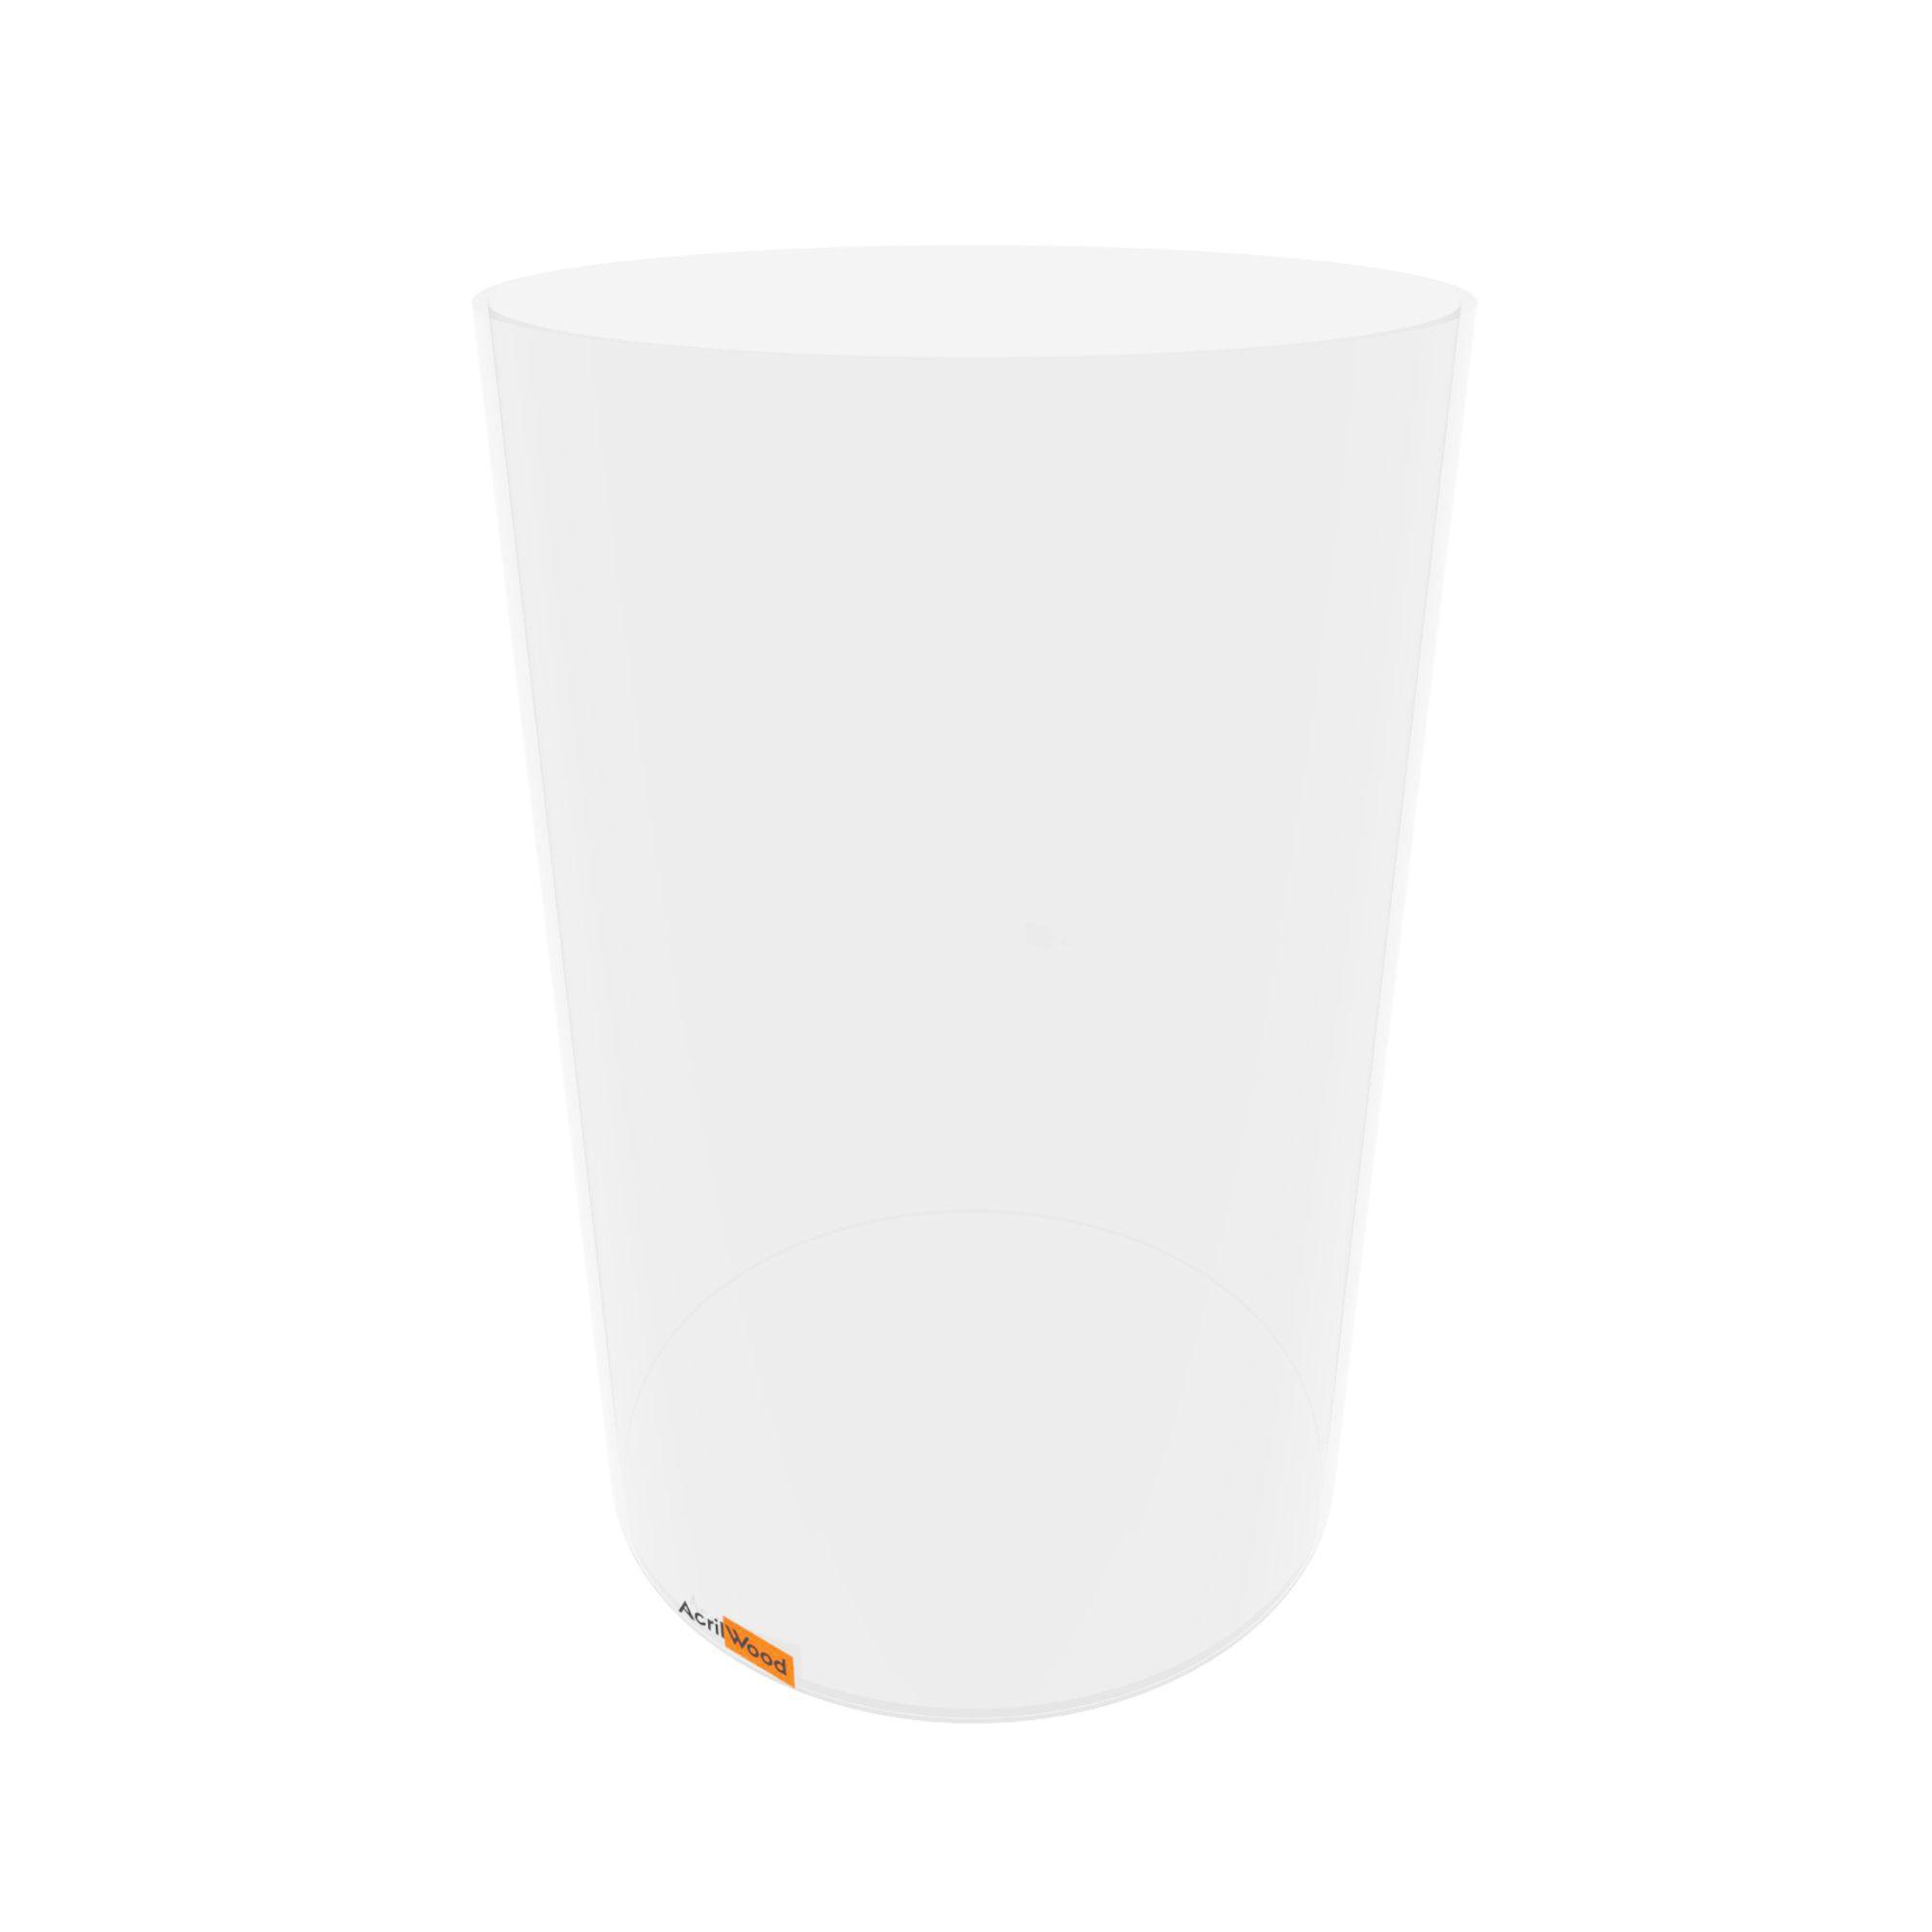 Caixa Redonda Em Acrílico Cristal - 20x30cm